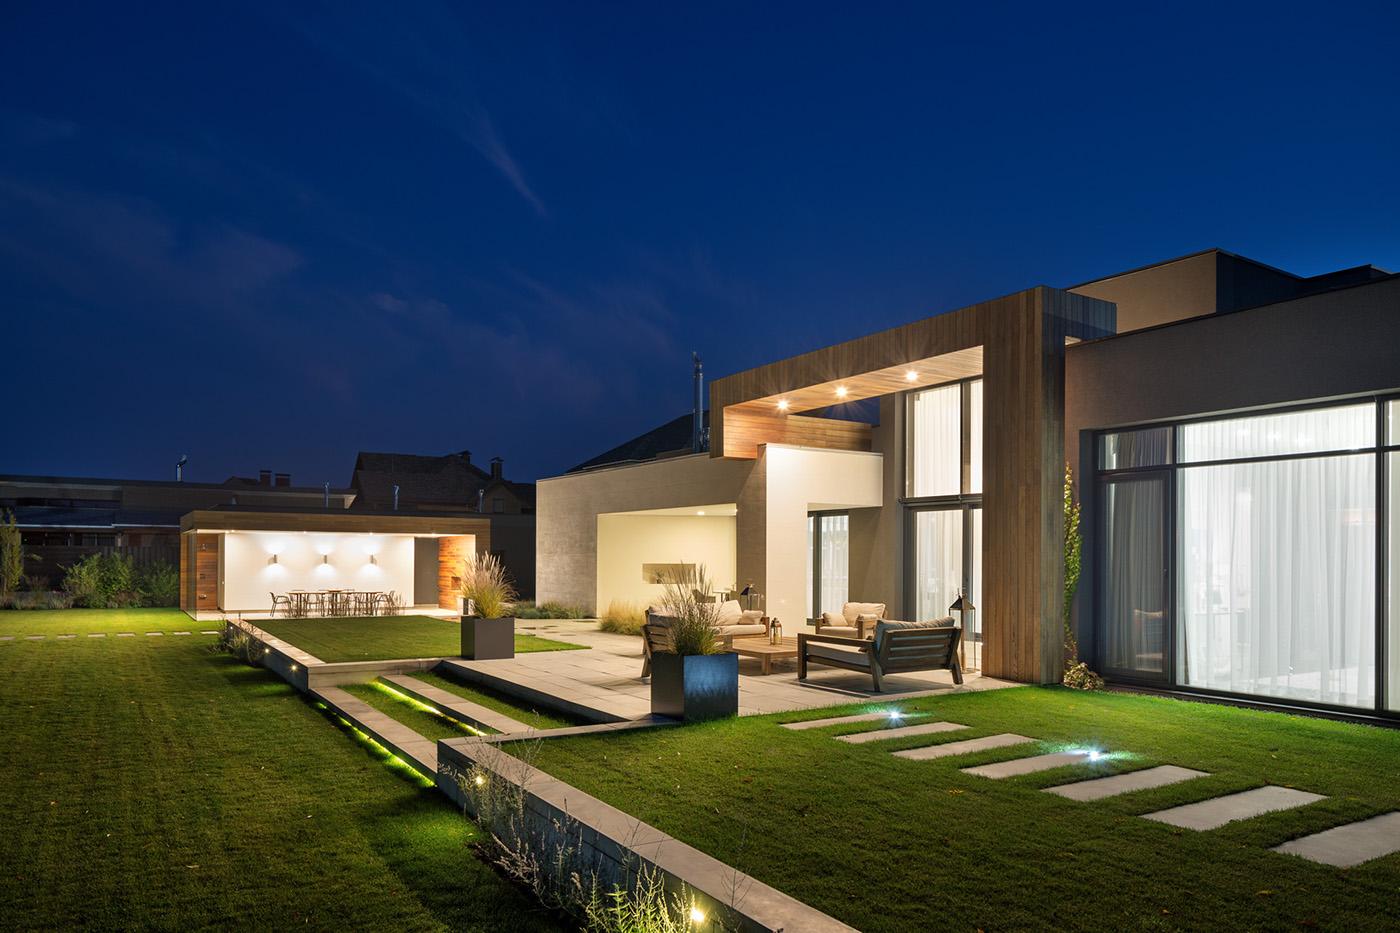 private residence near cherkasy  ukraine  exterior on behance